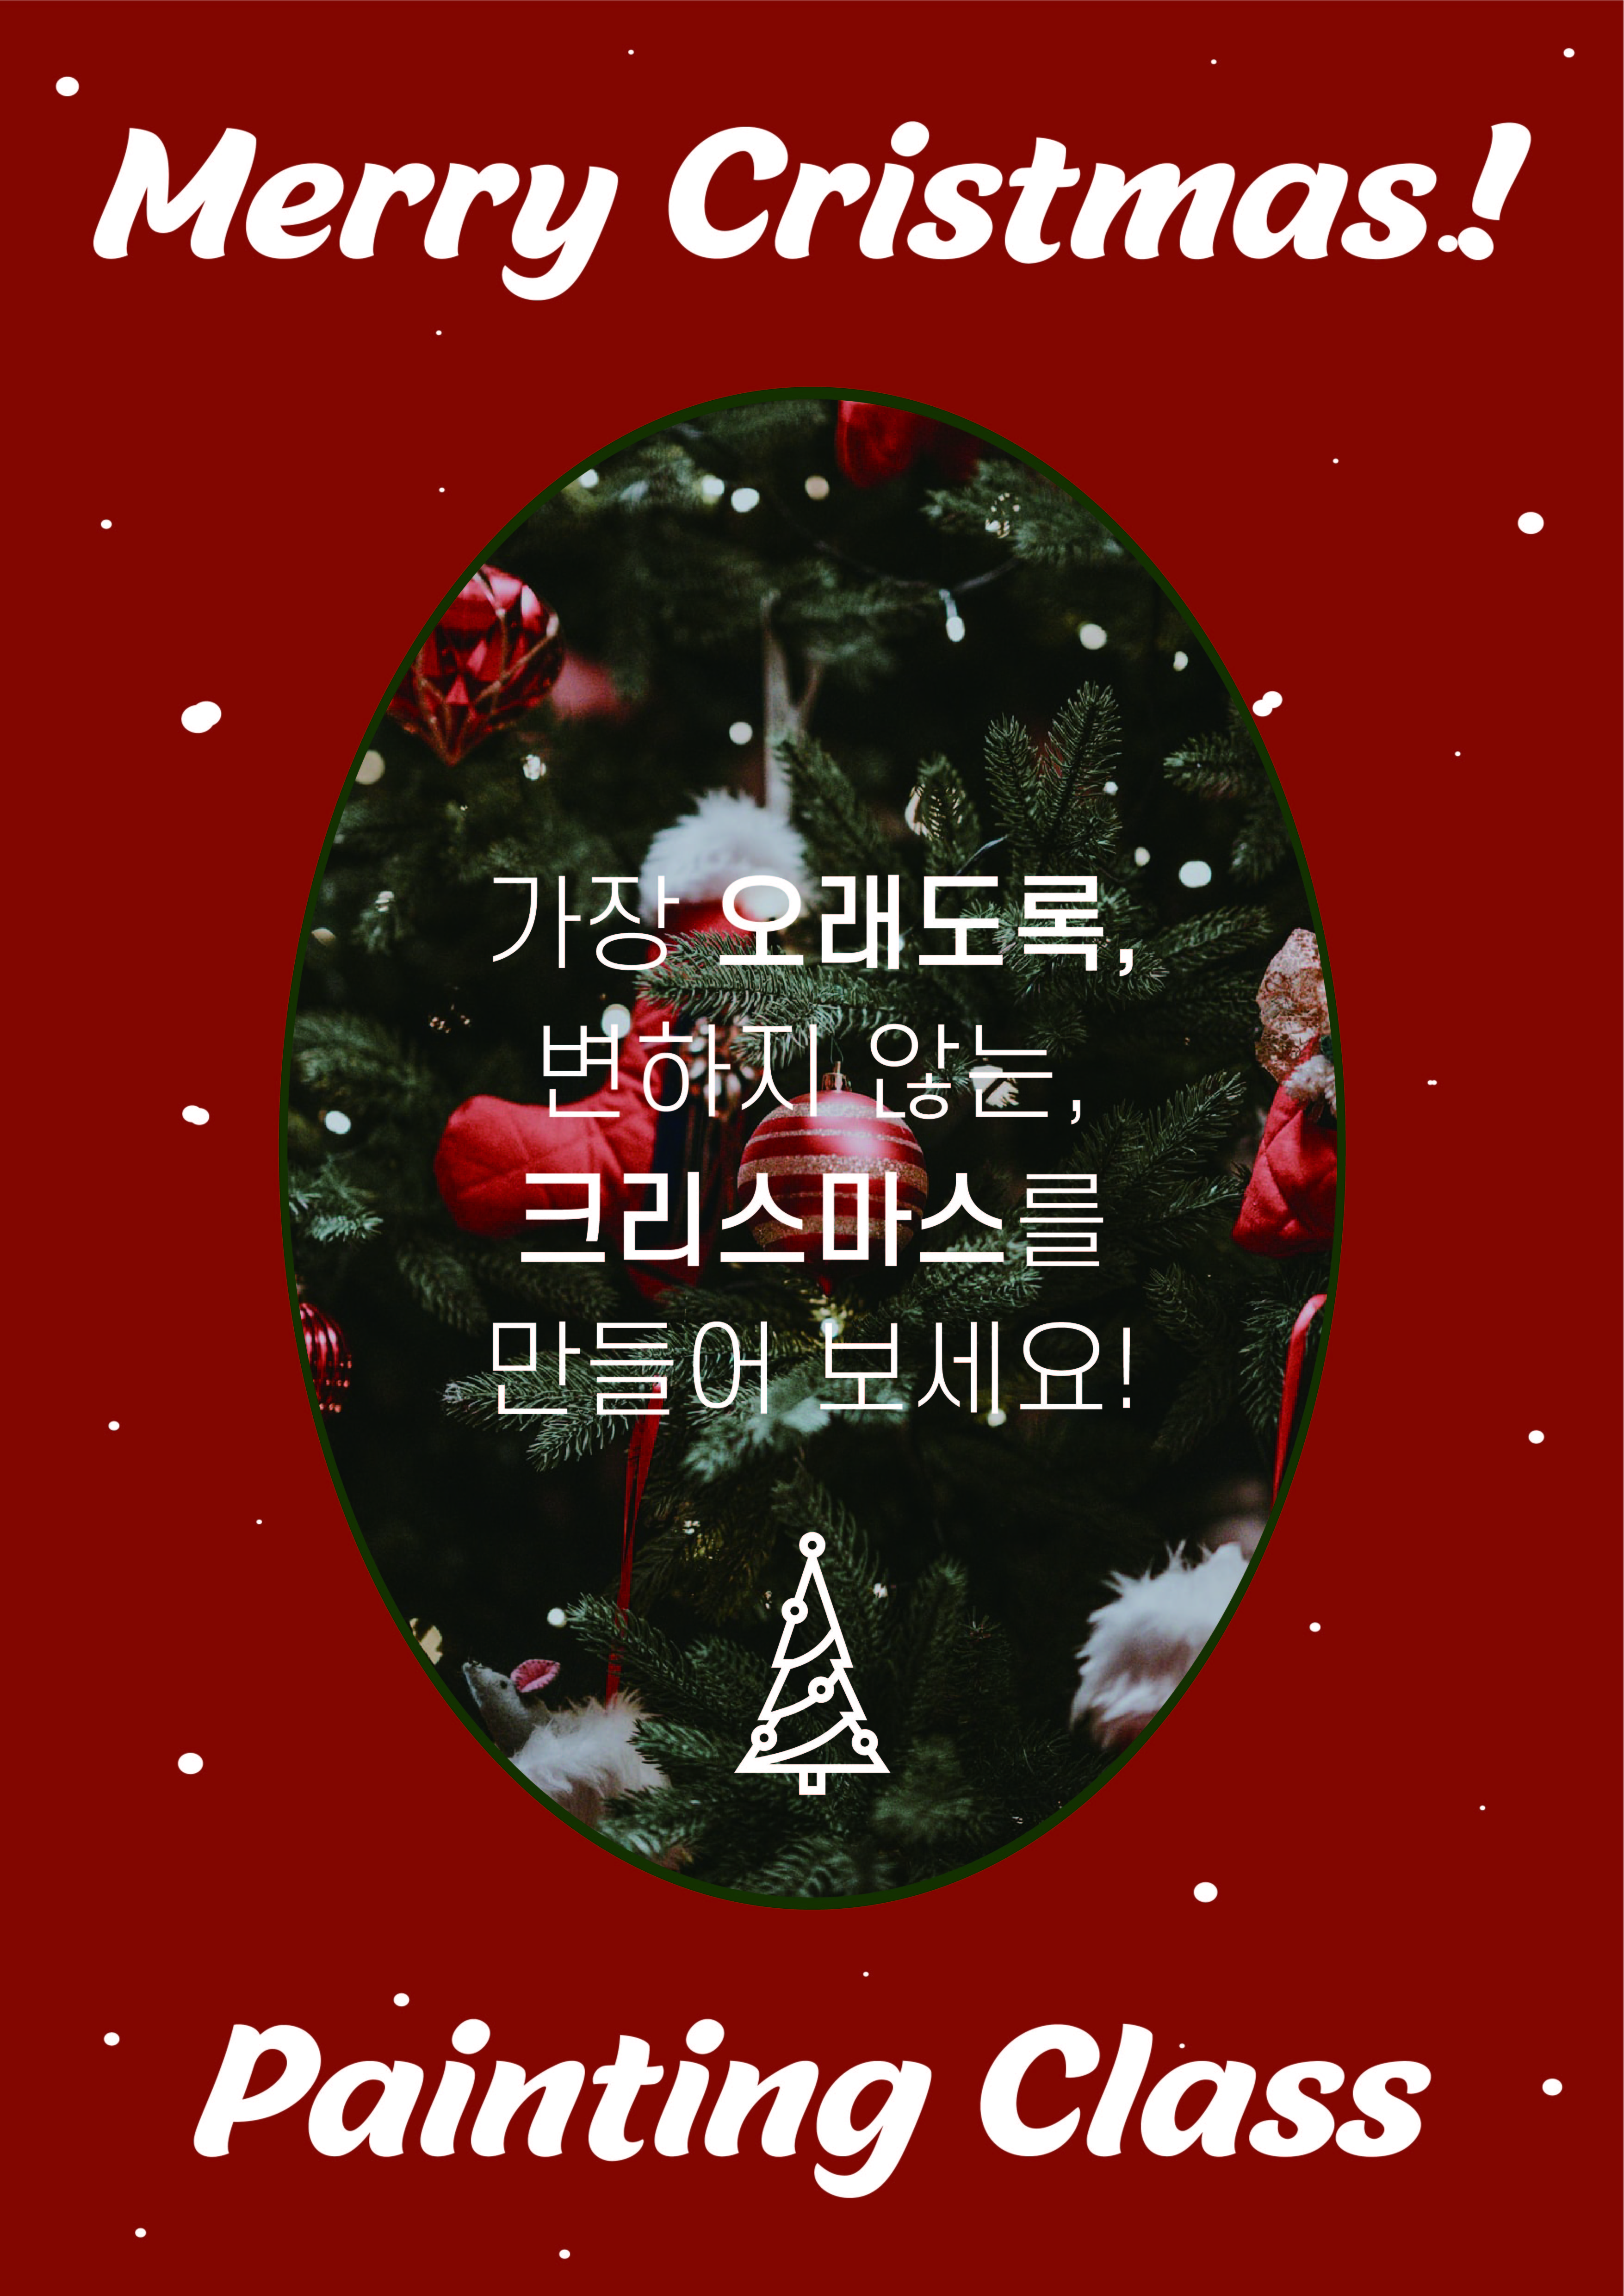 패브릭트리 페인팅 클래스 - 12/12(토) 15~17시 타임